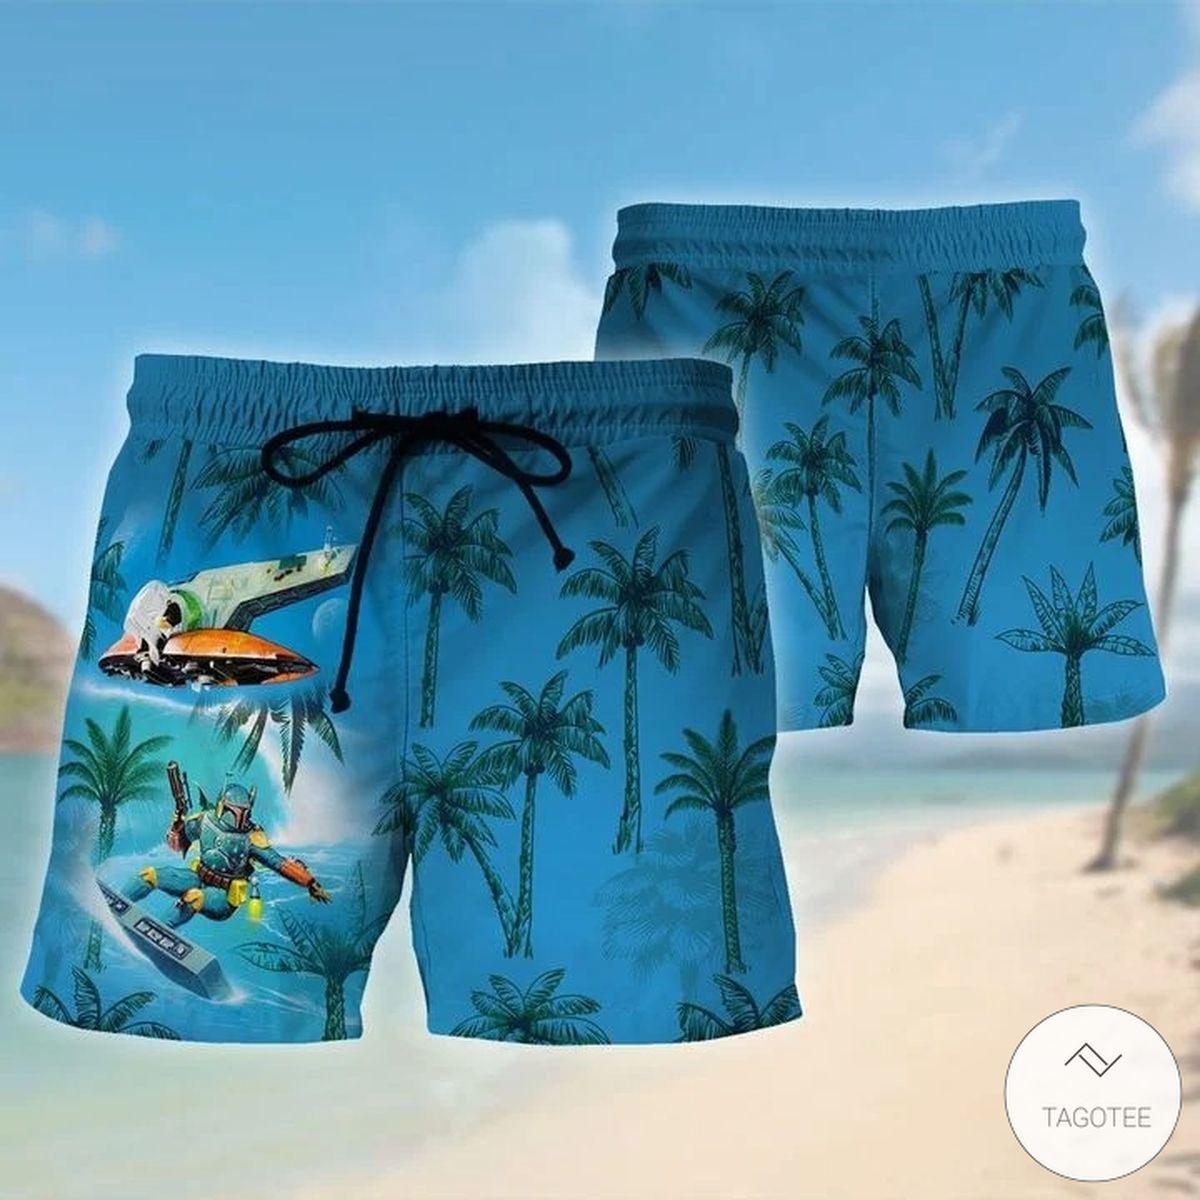 Best Gift Mandalorian Surfing Hawaiian Shirt, Beach Shorts